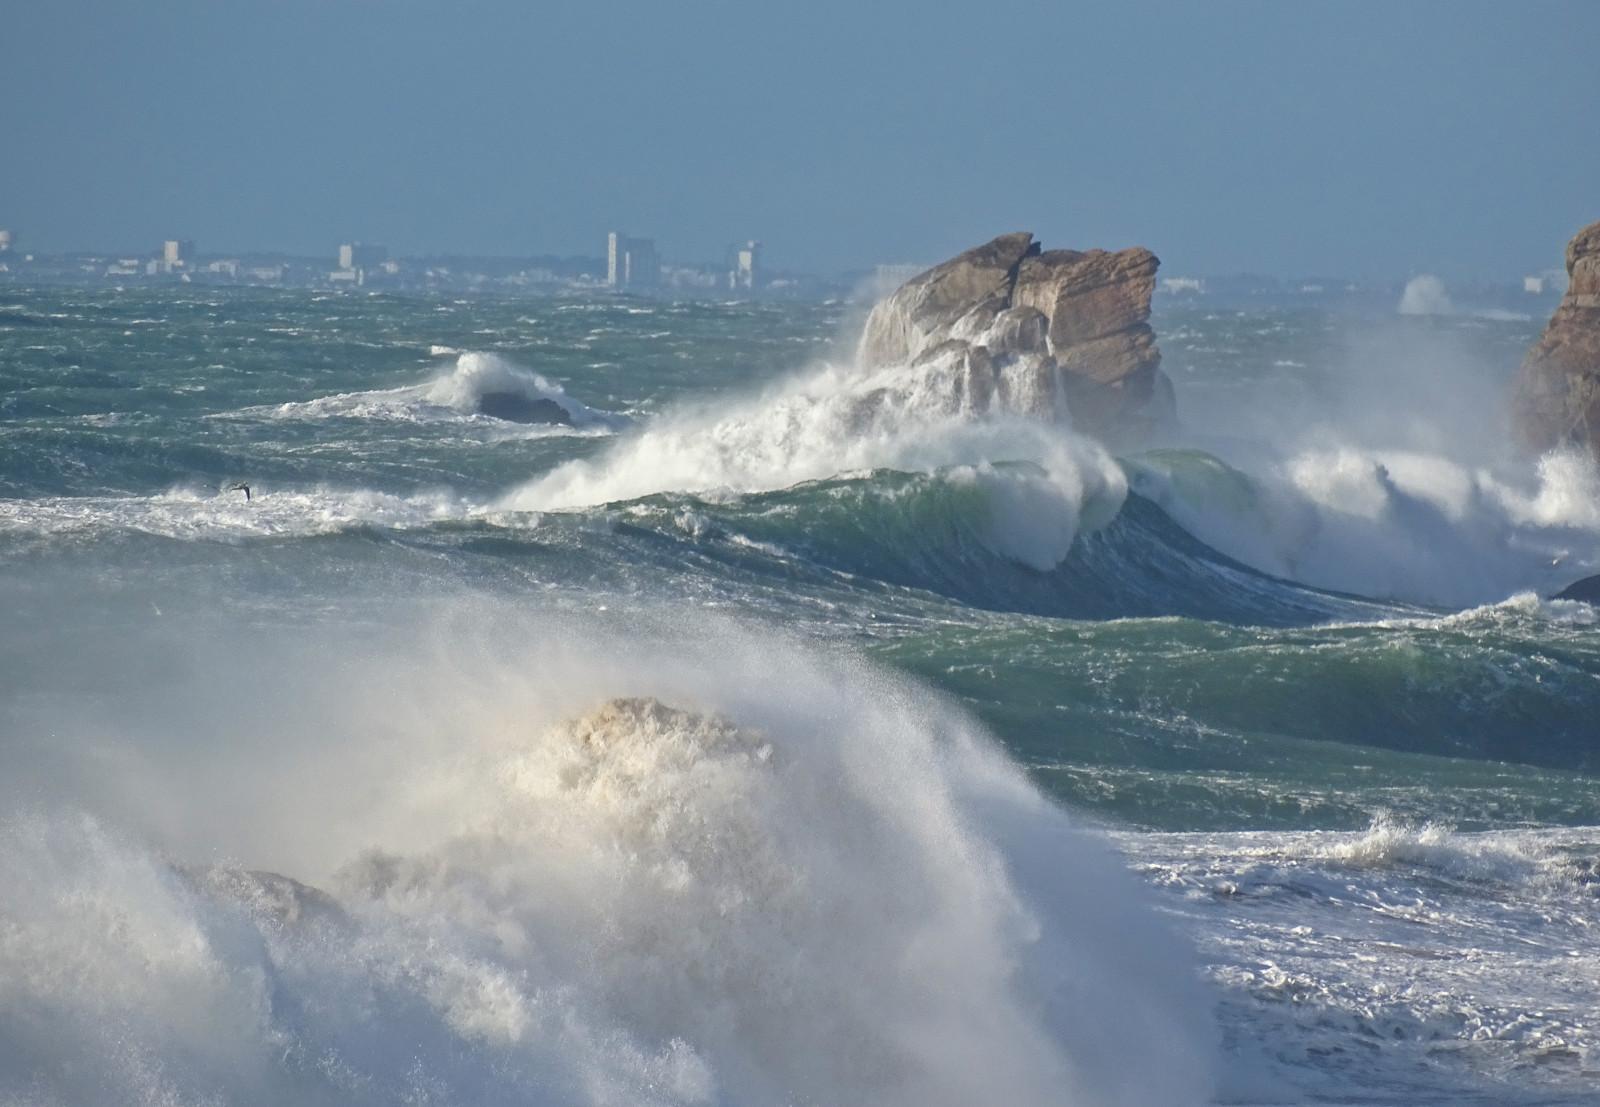 Fond d'écran : France, Bretagne, Morbihan, armure, Mer, Vagues, Rochers, Tempête 5184x3588 ...